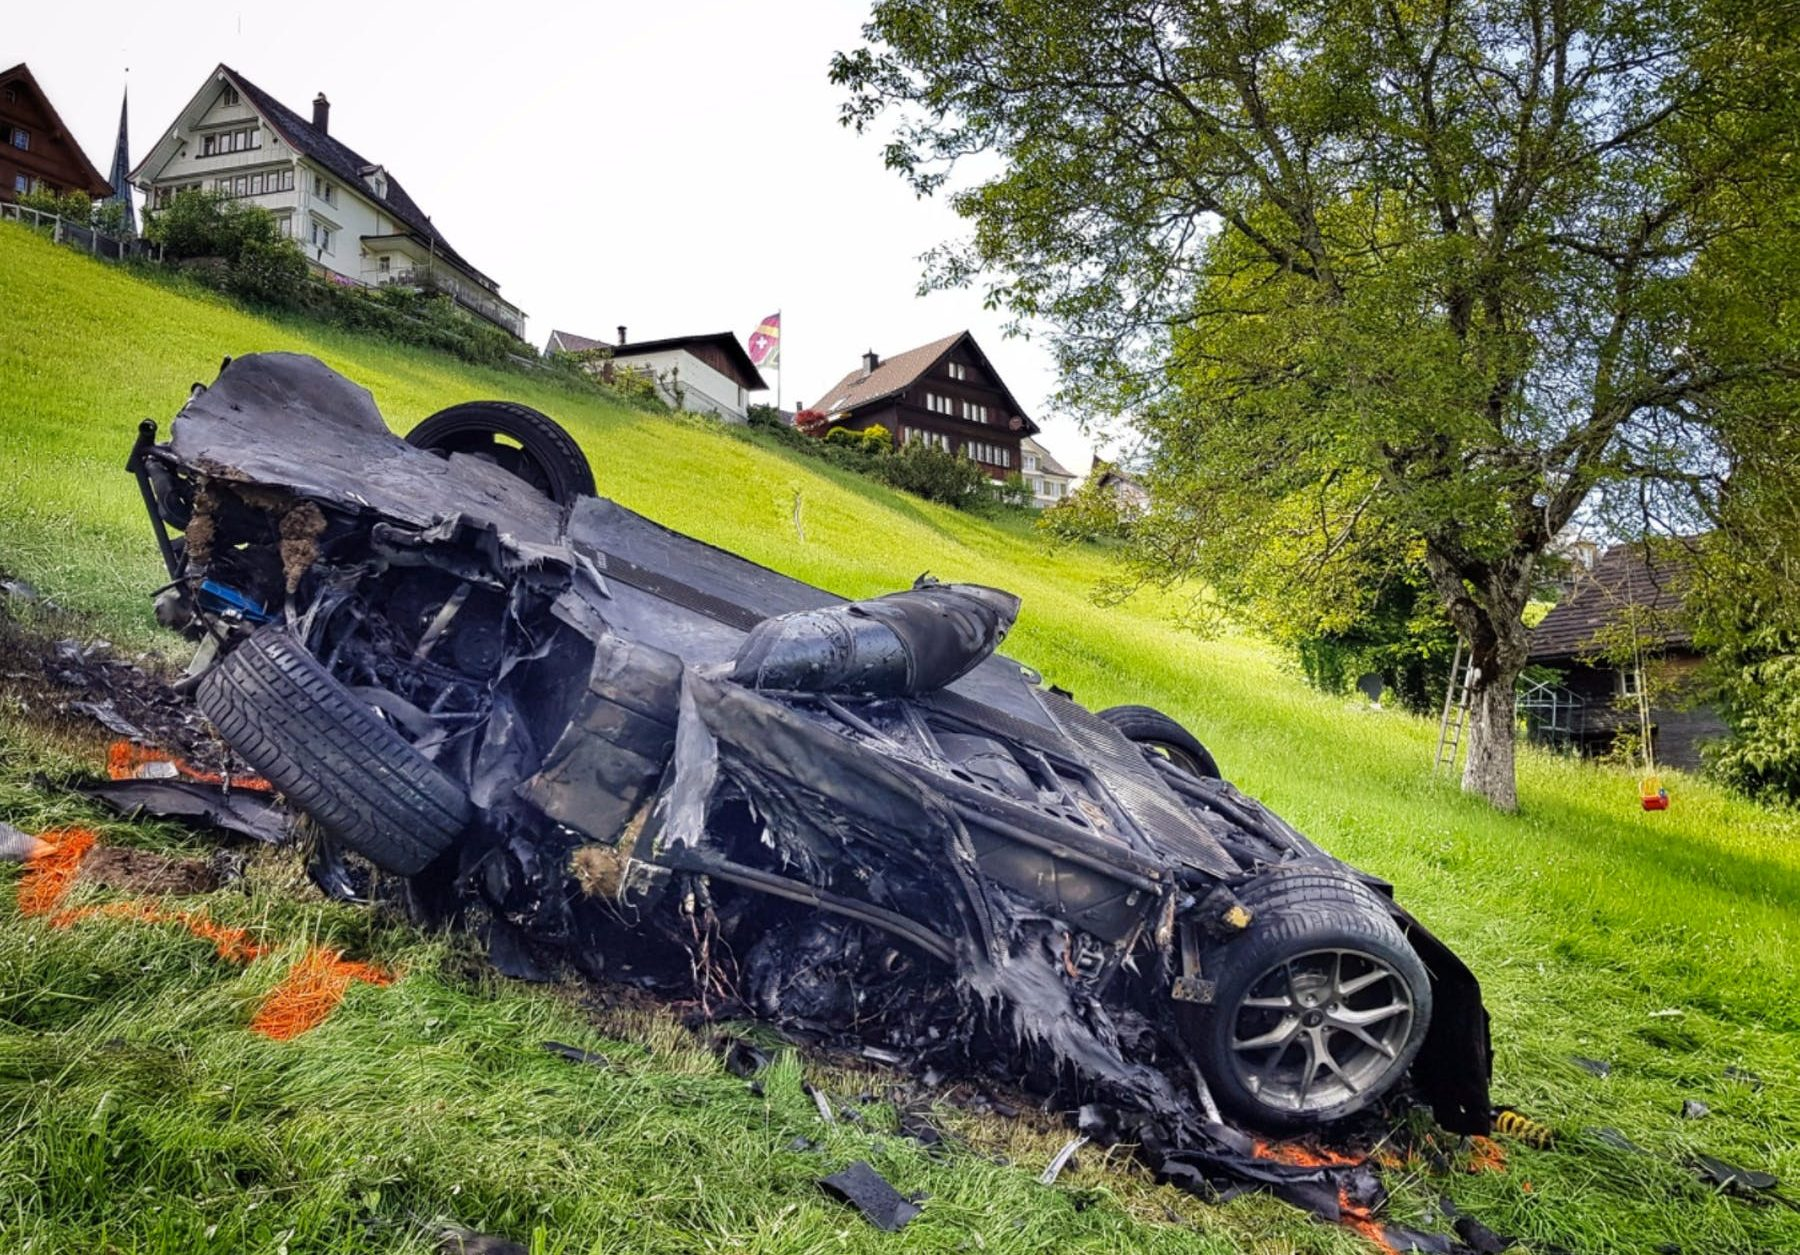 Ричард Хаммонд, очевидно, не может быть убит автомобилями